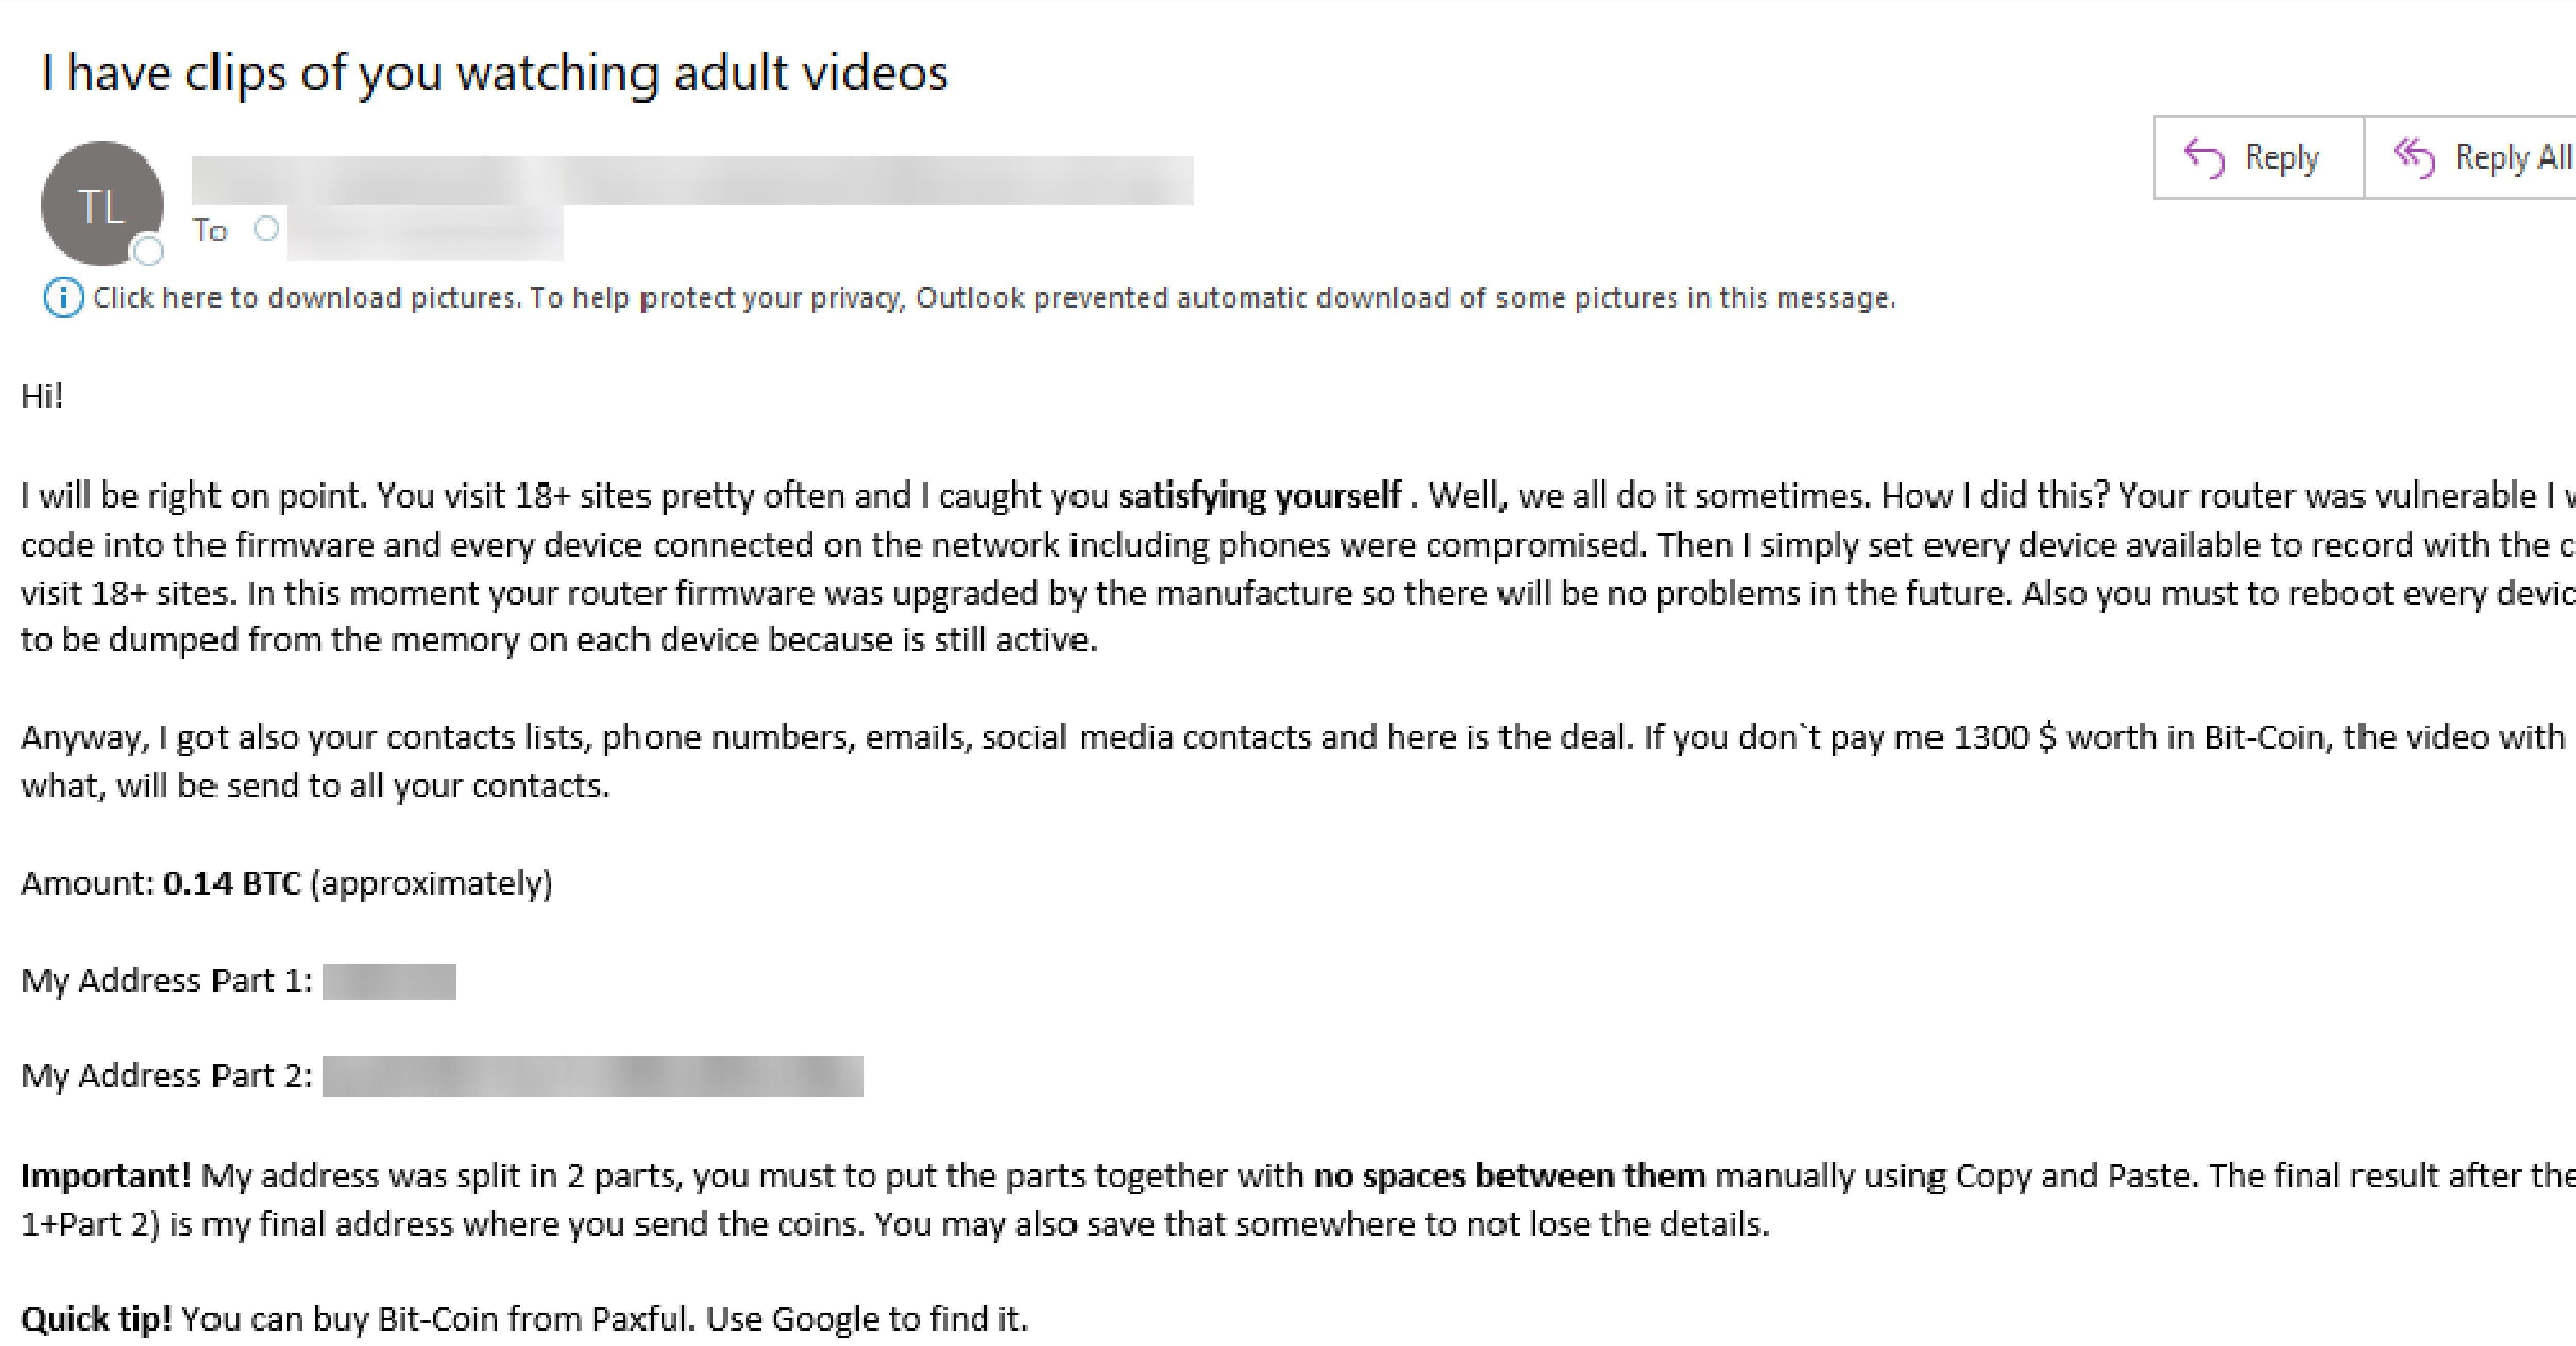 extortion phishing 040220